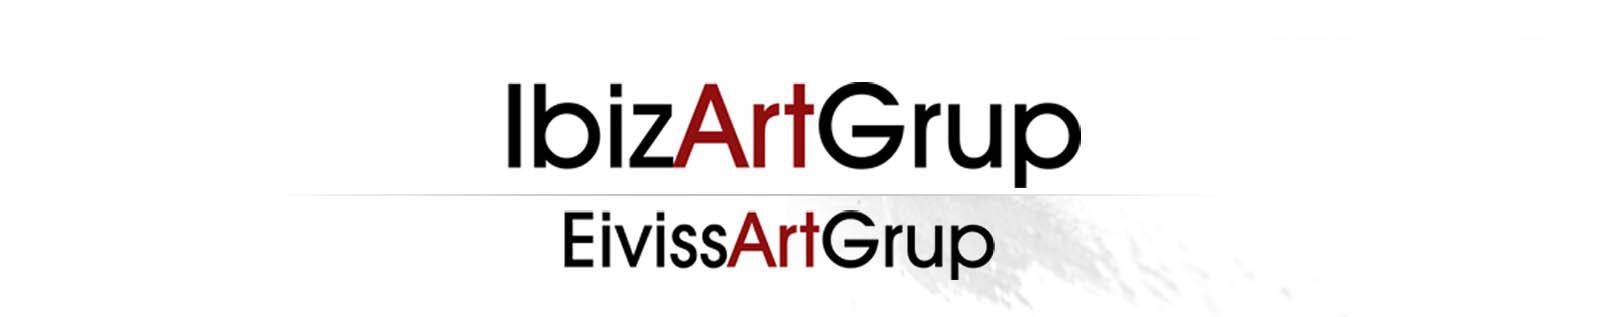 IbizArtGrup